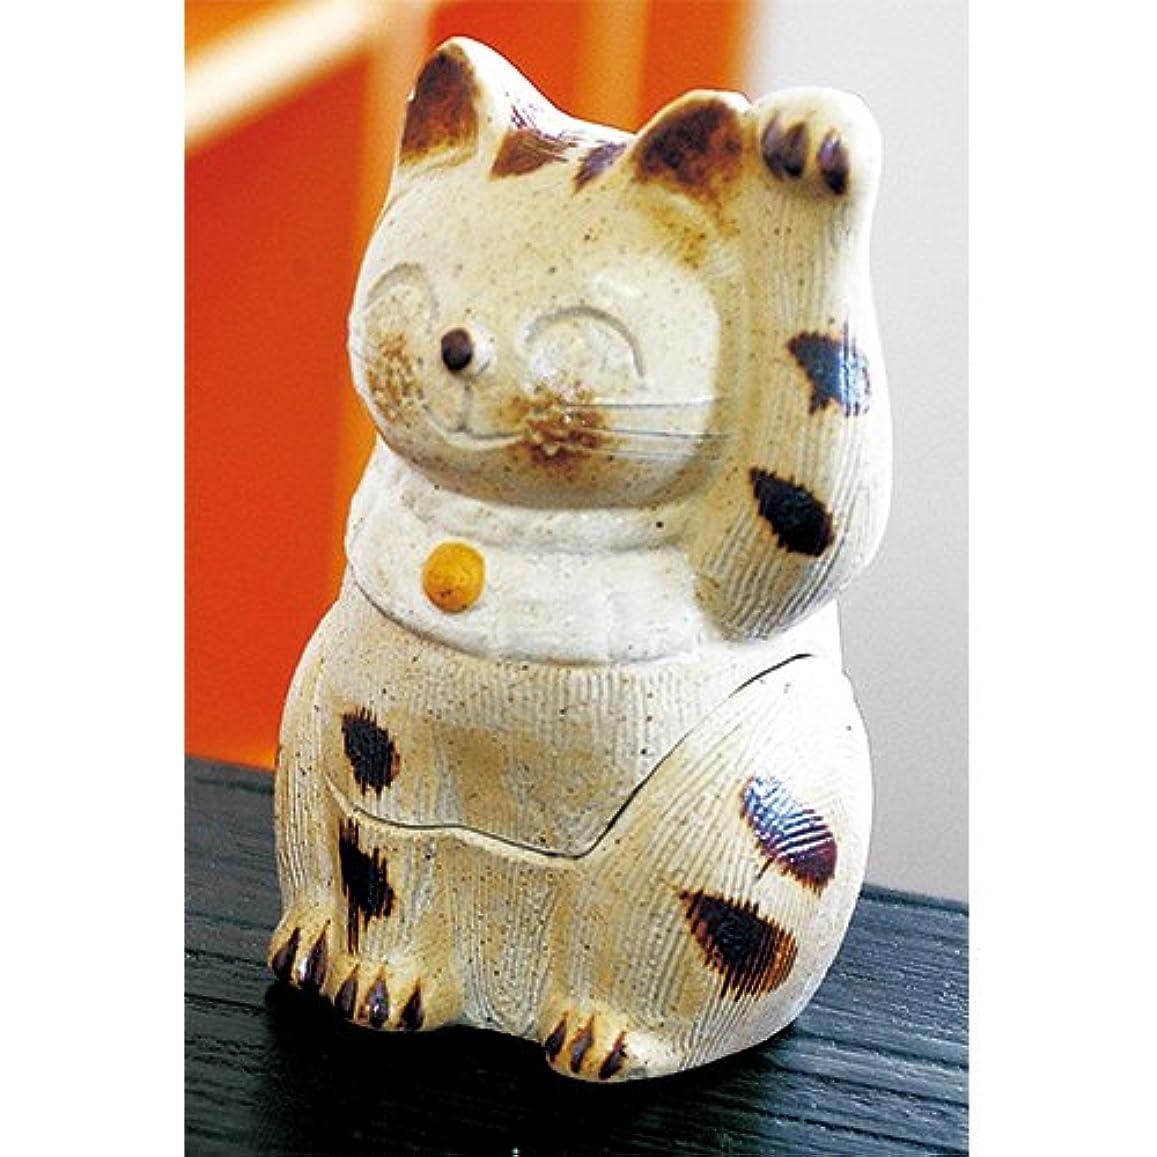 荒れ地師匠節約する香炉 ひとまねき猫 香炉(小) [H9.5cm] HANDMADE プレゼント ギフト 和食器 かわいい インテリア